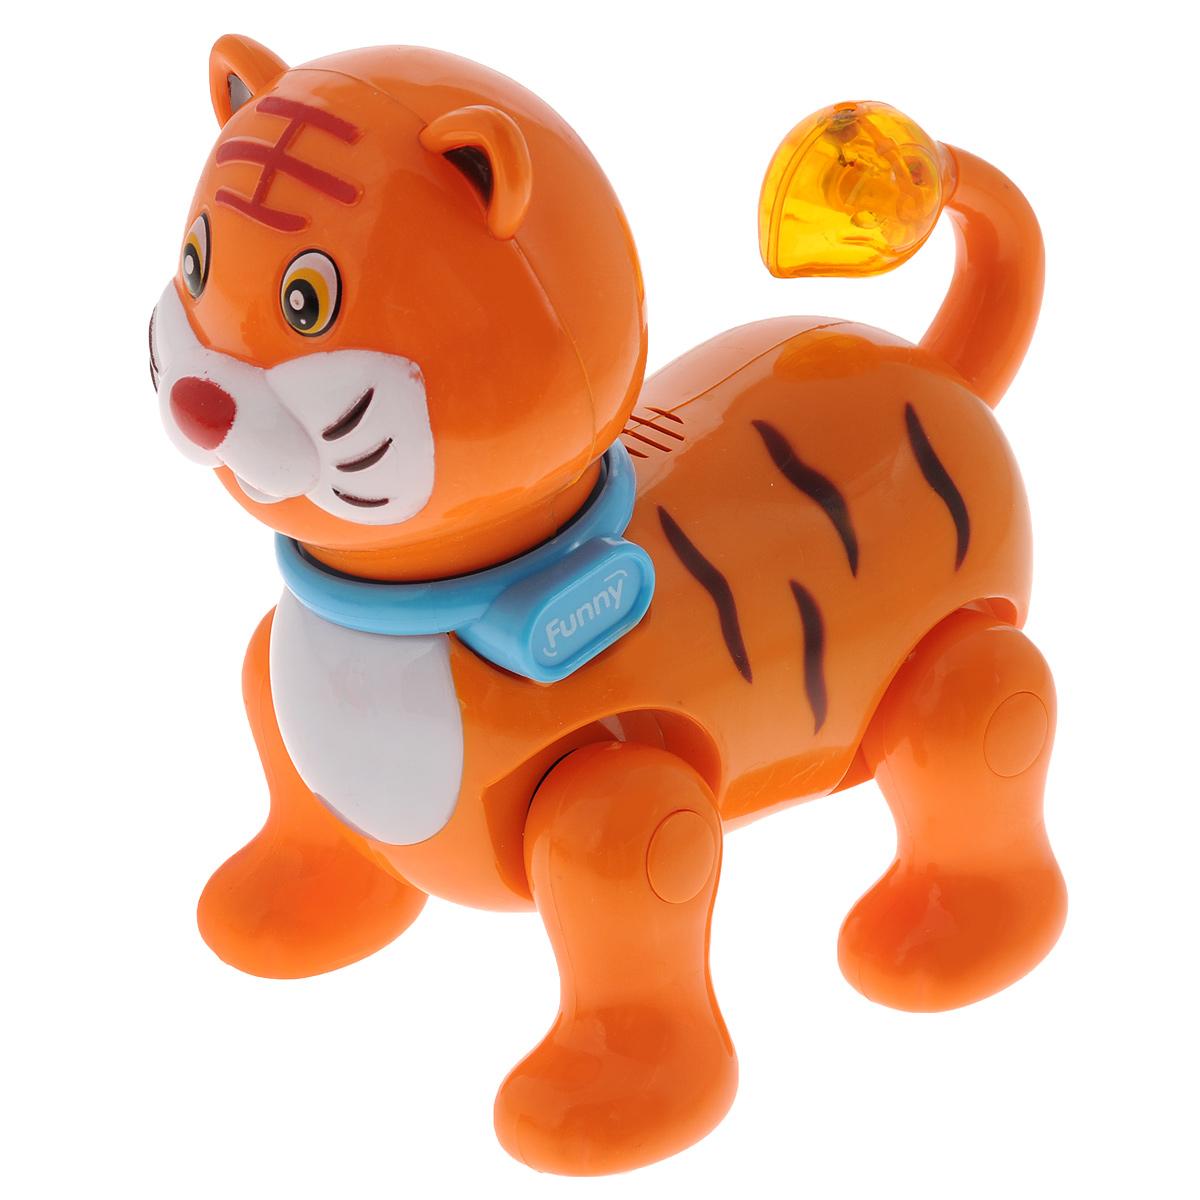 Интерактивная игрушка Mioshi ТигренокMAC0303-007Интерактивная игрушка Mioshi Тигренок обязательно привлечет внимание вашего малыша. Игрушка выполнена из прочного материала в виде милого тигренка. Тигренок умеет качать головой и забавно вилять хвостиком. Благодаря встроенному датчику, при каждом движении игрушки активируются свето-звуковые эффекты: загораются глазки и хвостик, а также звучит приятная для слуха мелодичная песенка. Игрушка стимулирует развитие зрительного, слухового и тактильного восприятия ребенка. Порадуйте своего ребенка такой забавной игрушкой. Необходимо купить 2 батарейки напряжением 1,5V типа АА (не входят в комплект).